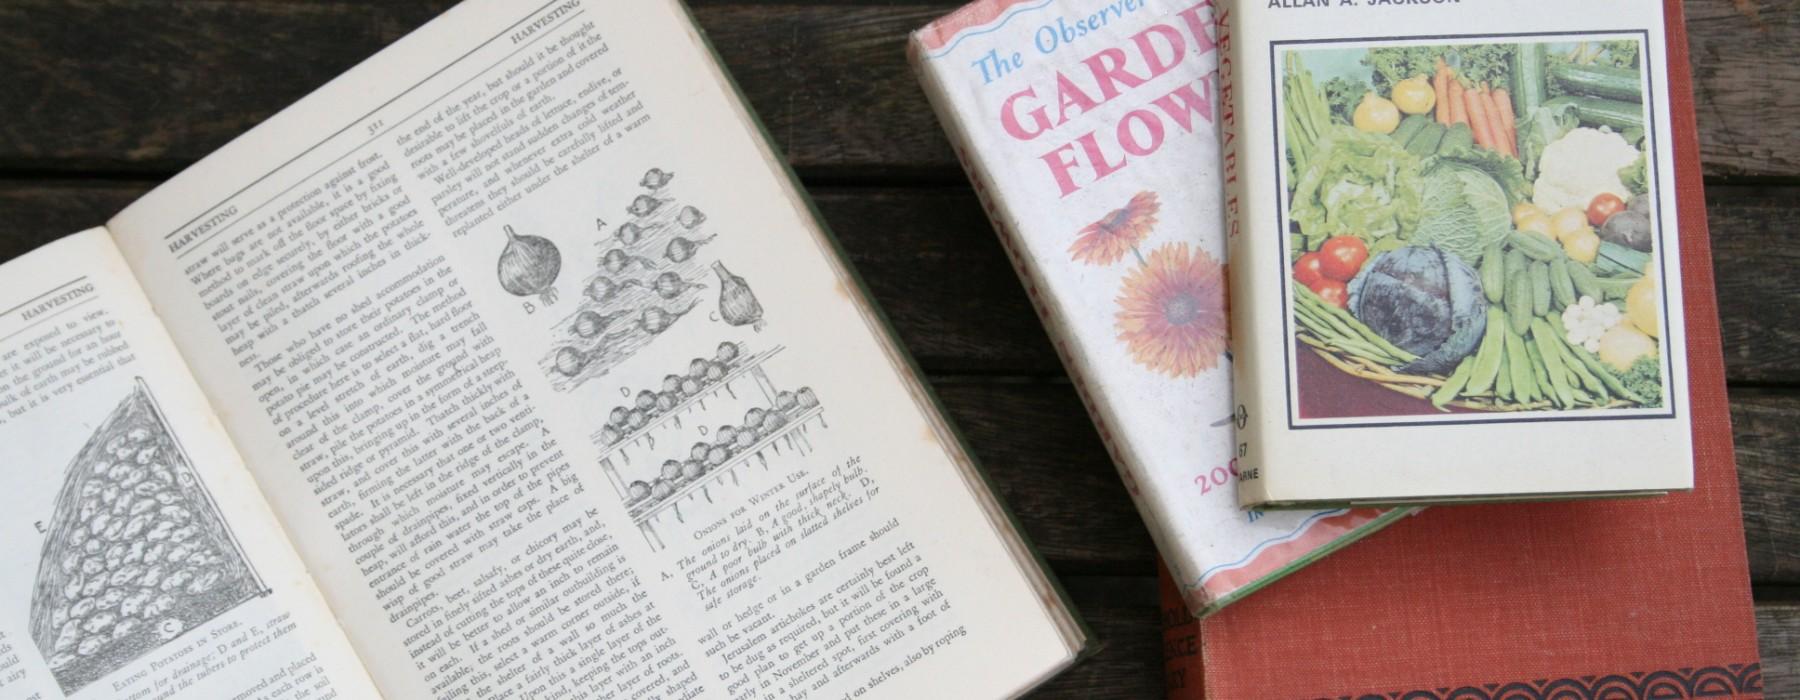 My Gardening Book List